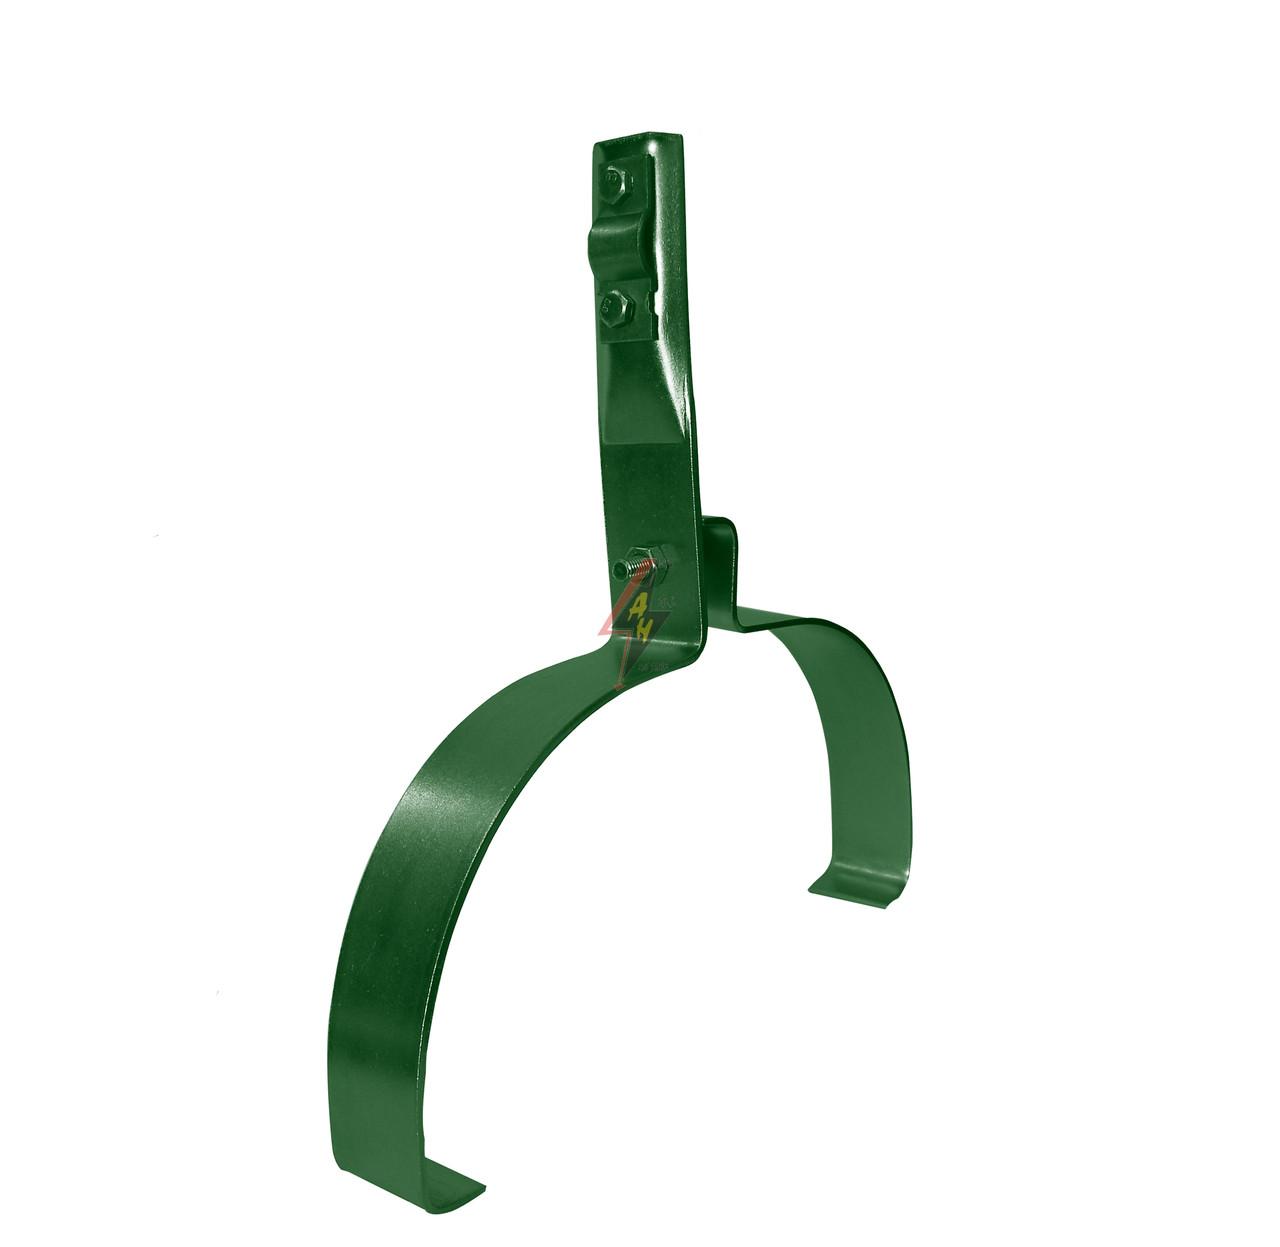 Коньковые держатели H=8 cm, проволока Ø 5-10 mm, шир. 22 cm, выс. 10,5 cm, медь/латунь